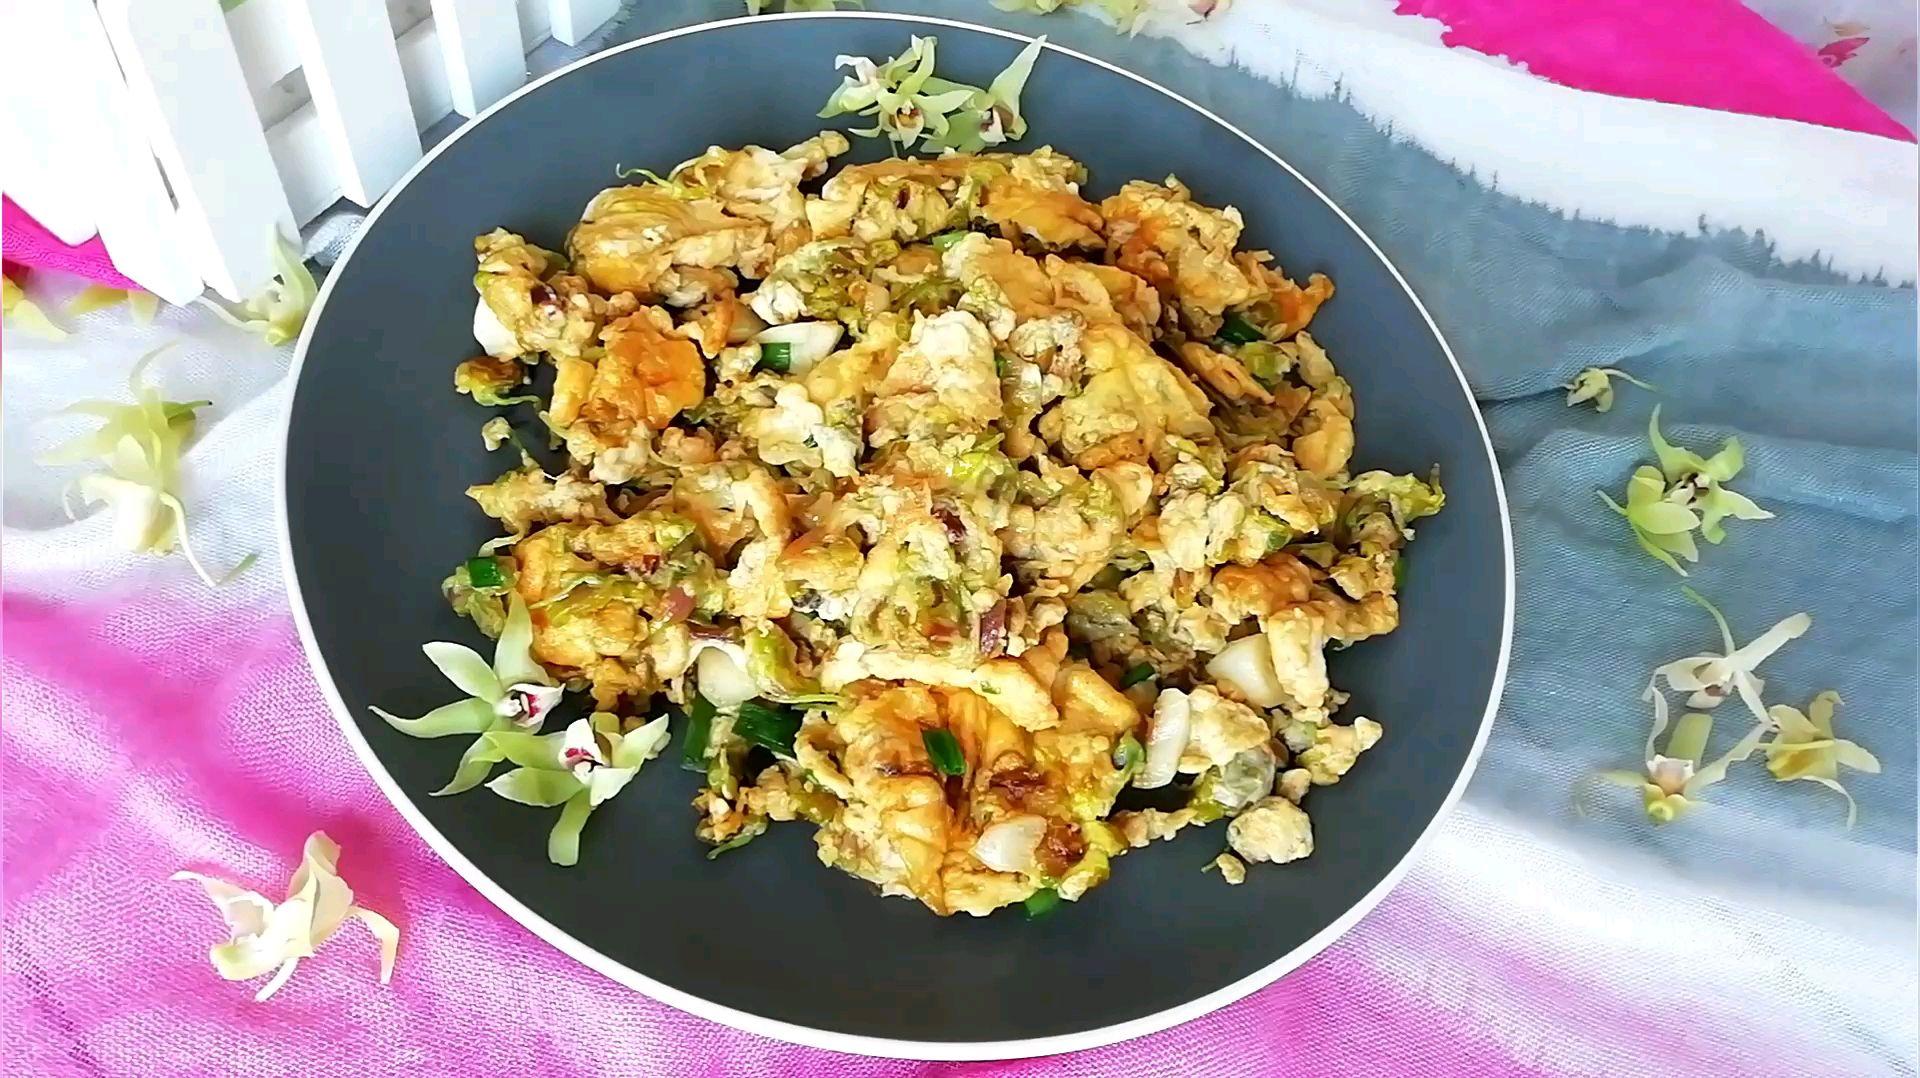 石斛花炒雞蛋的做法